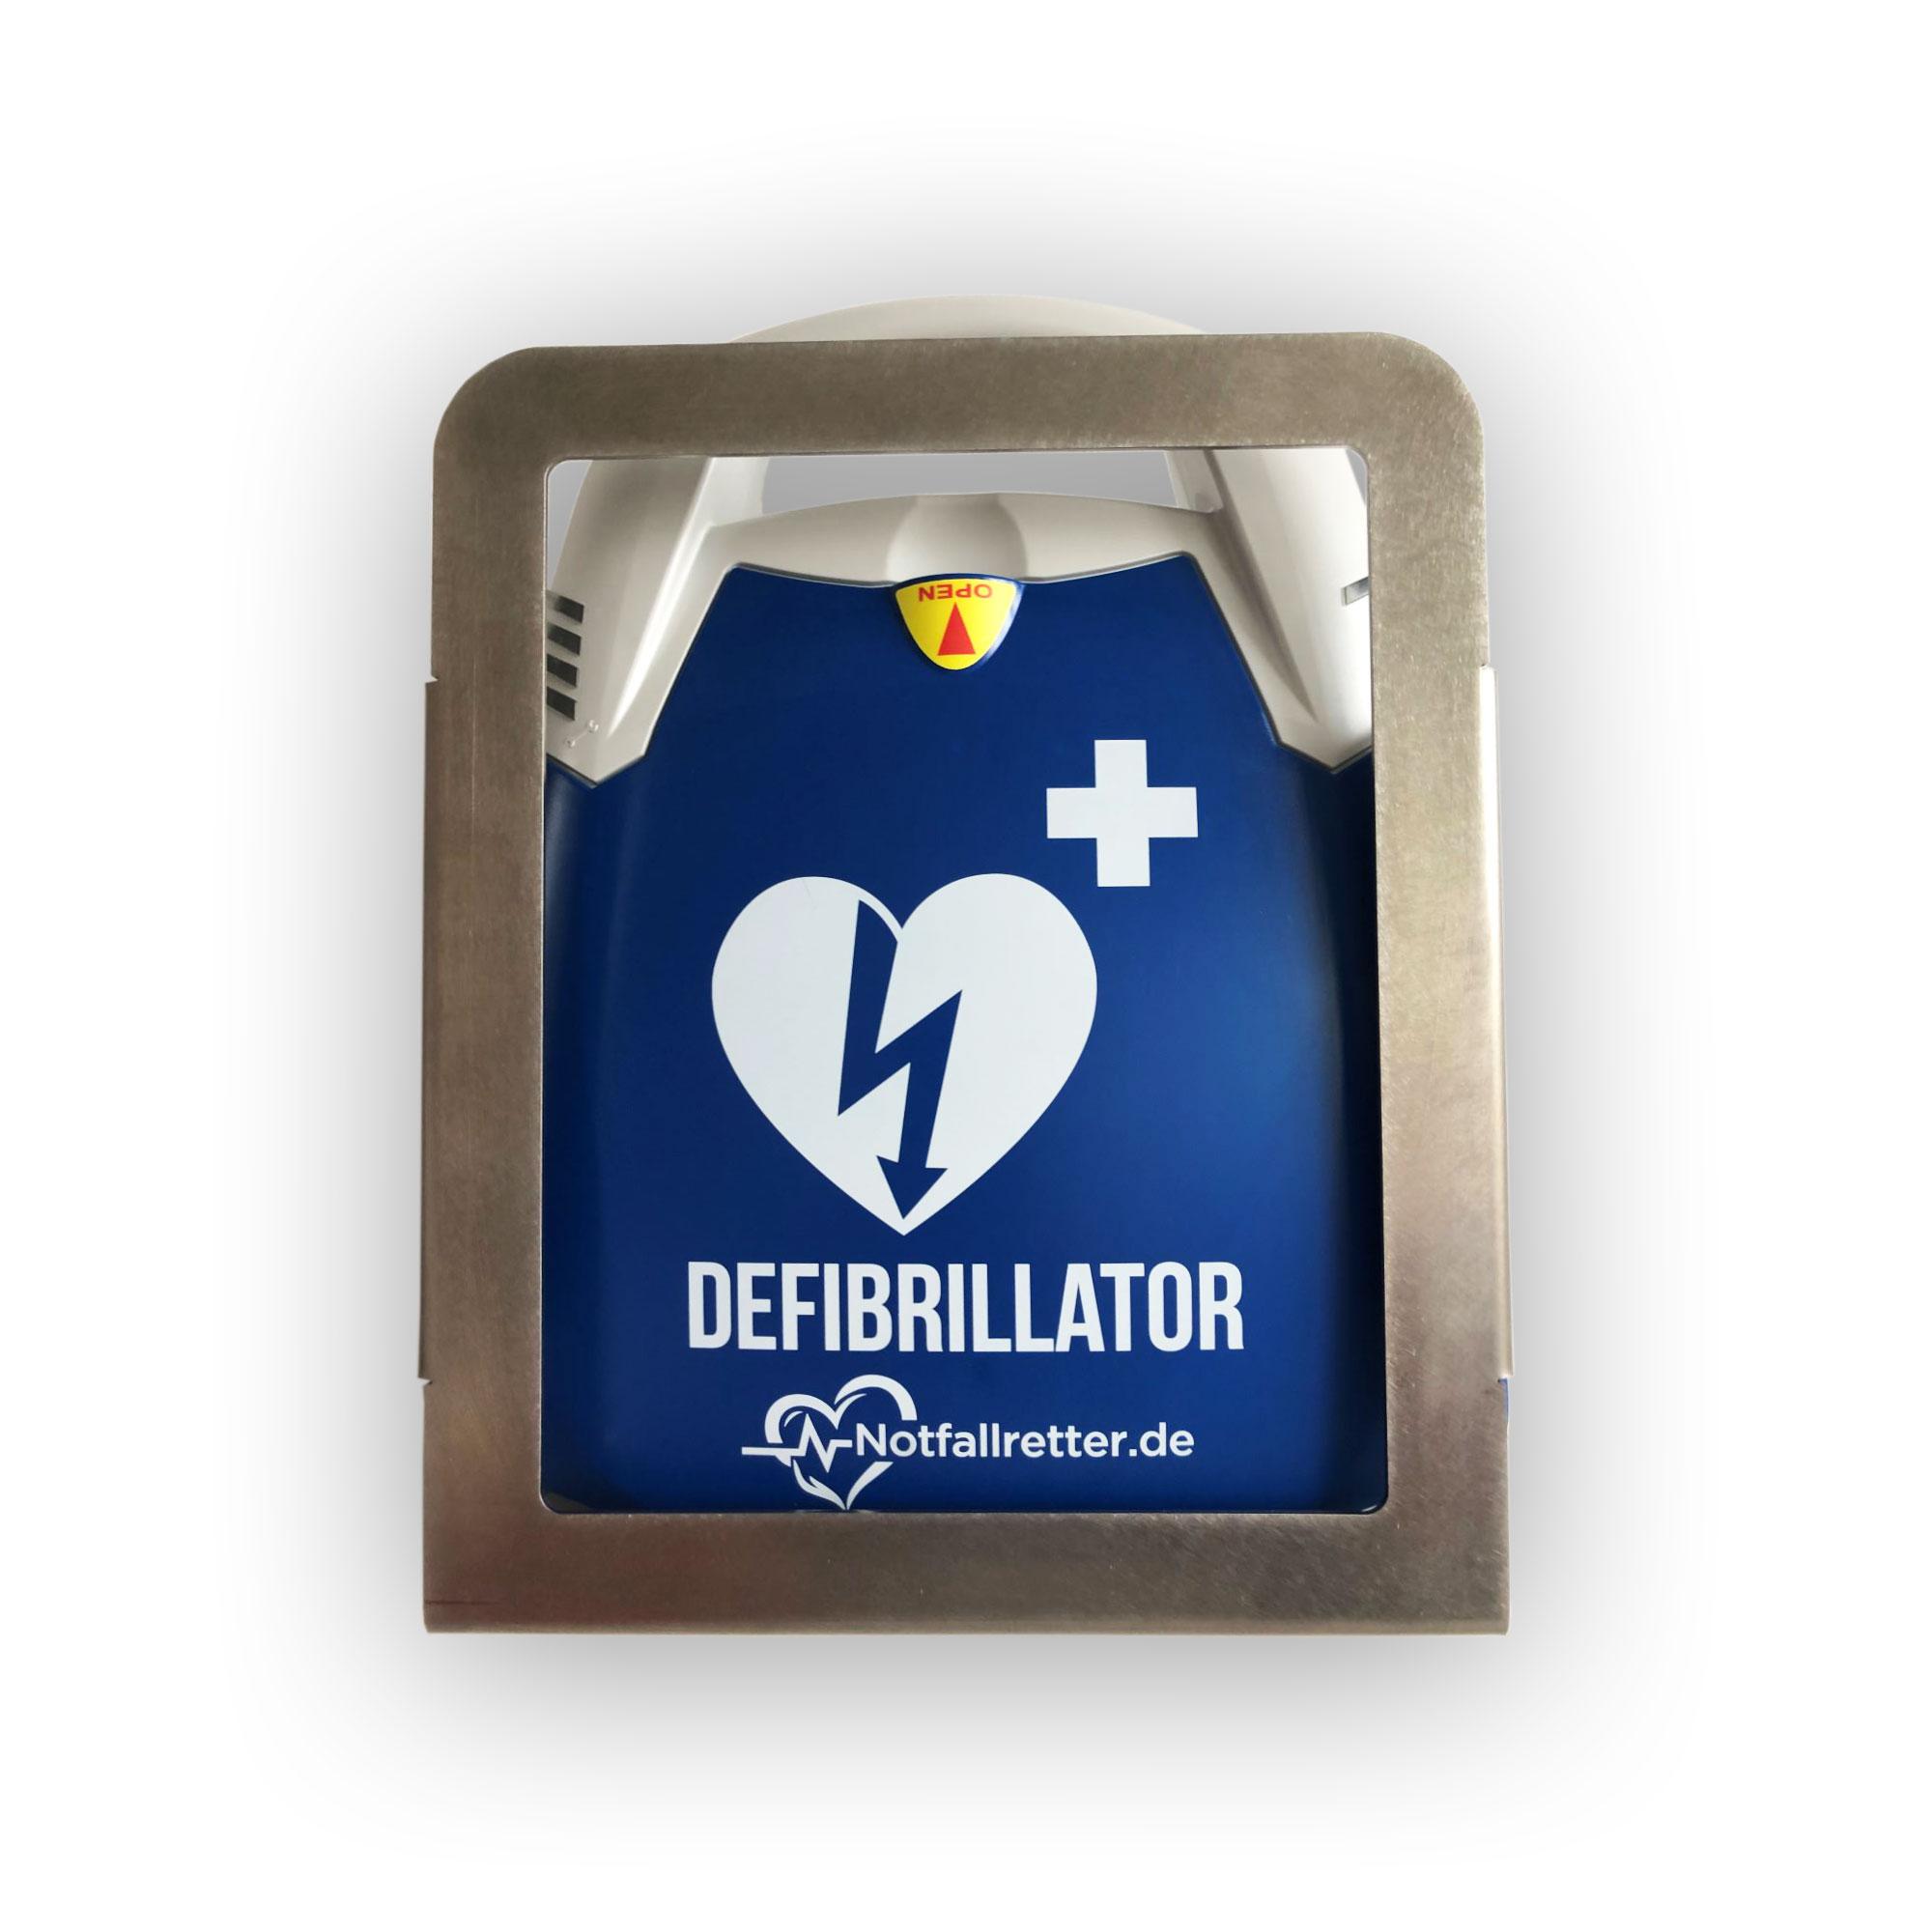 Design-Metallwandhalter® für Defibrillator Notfallretter AED